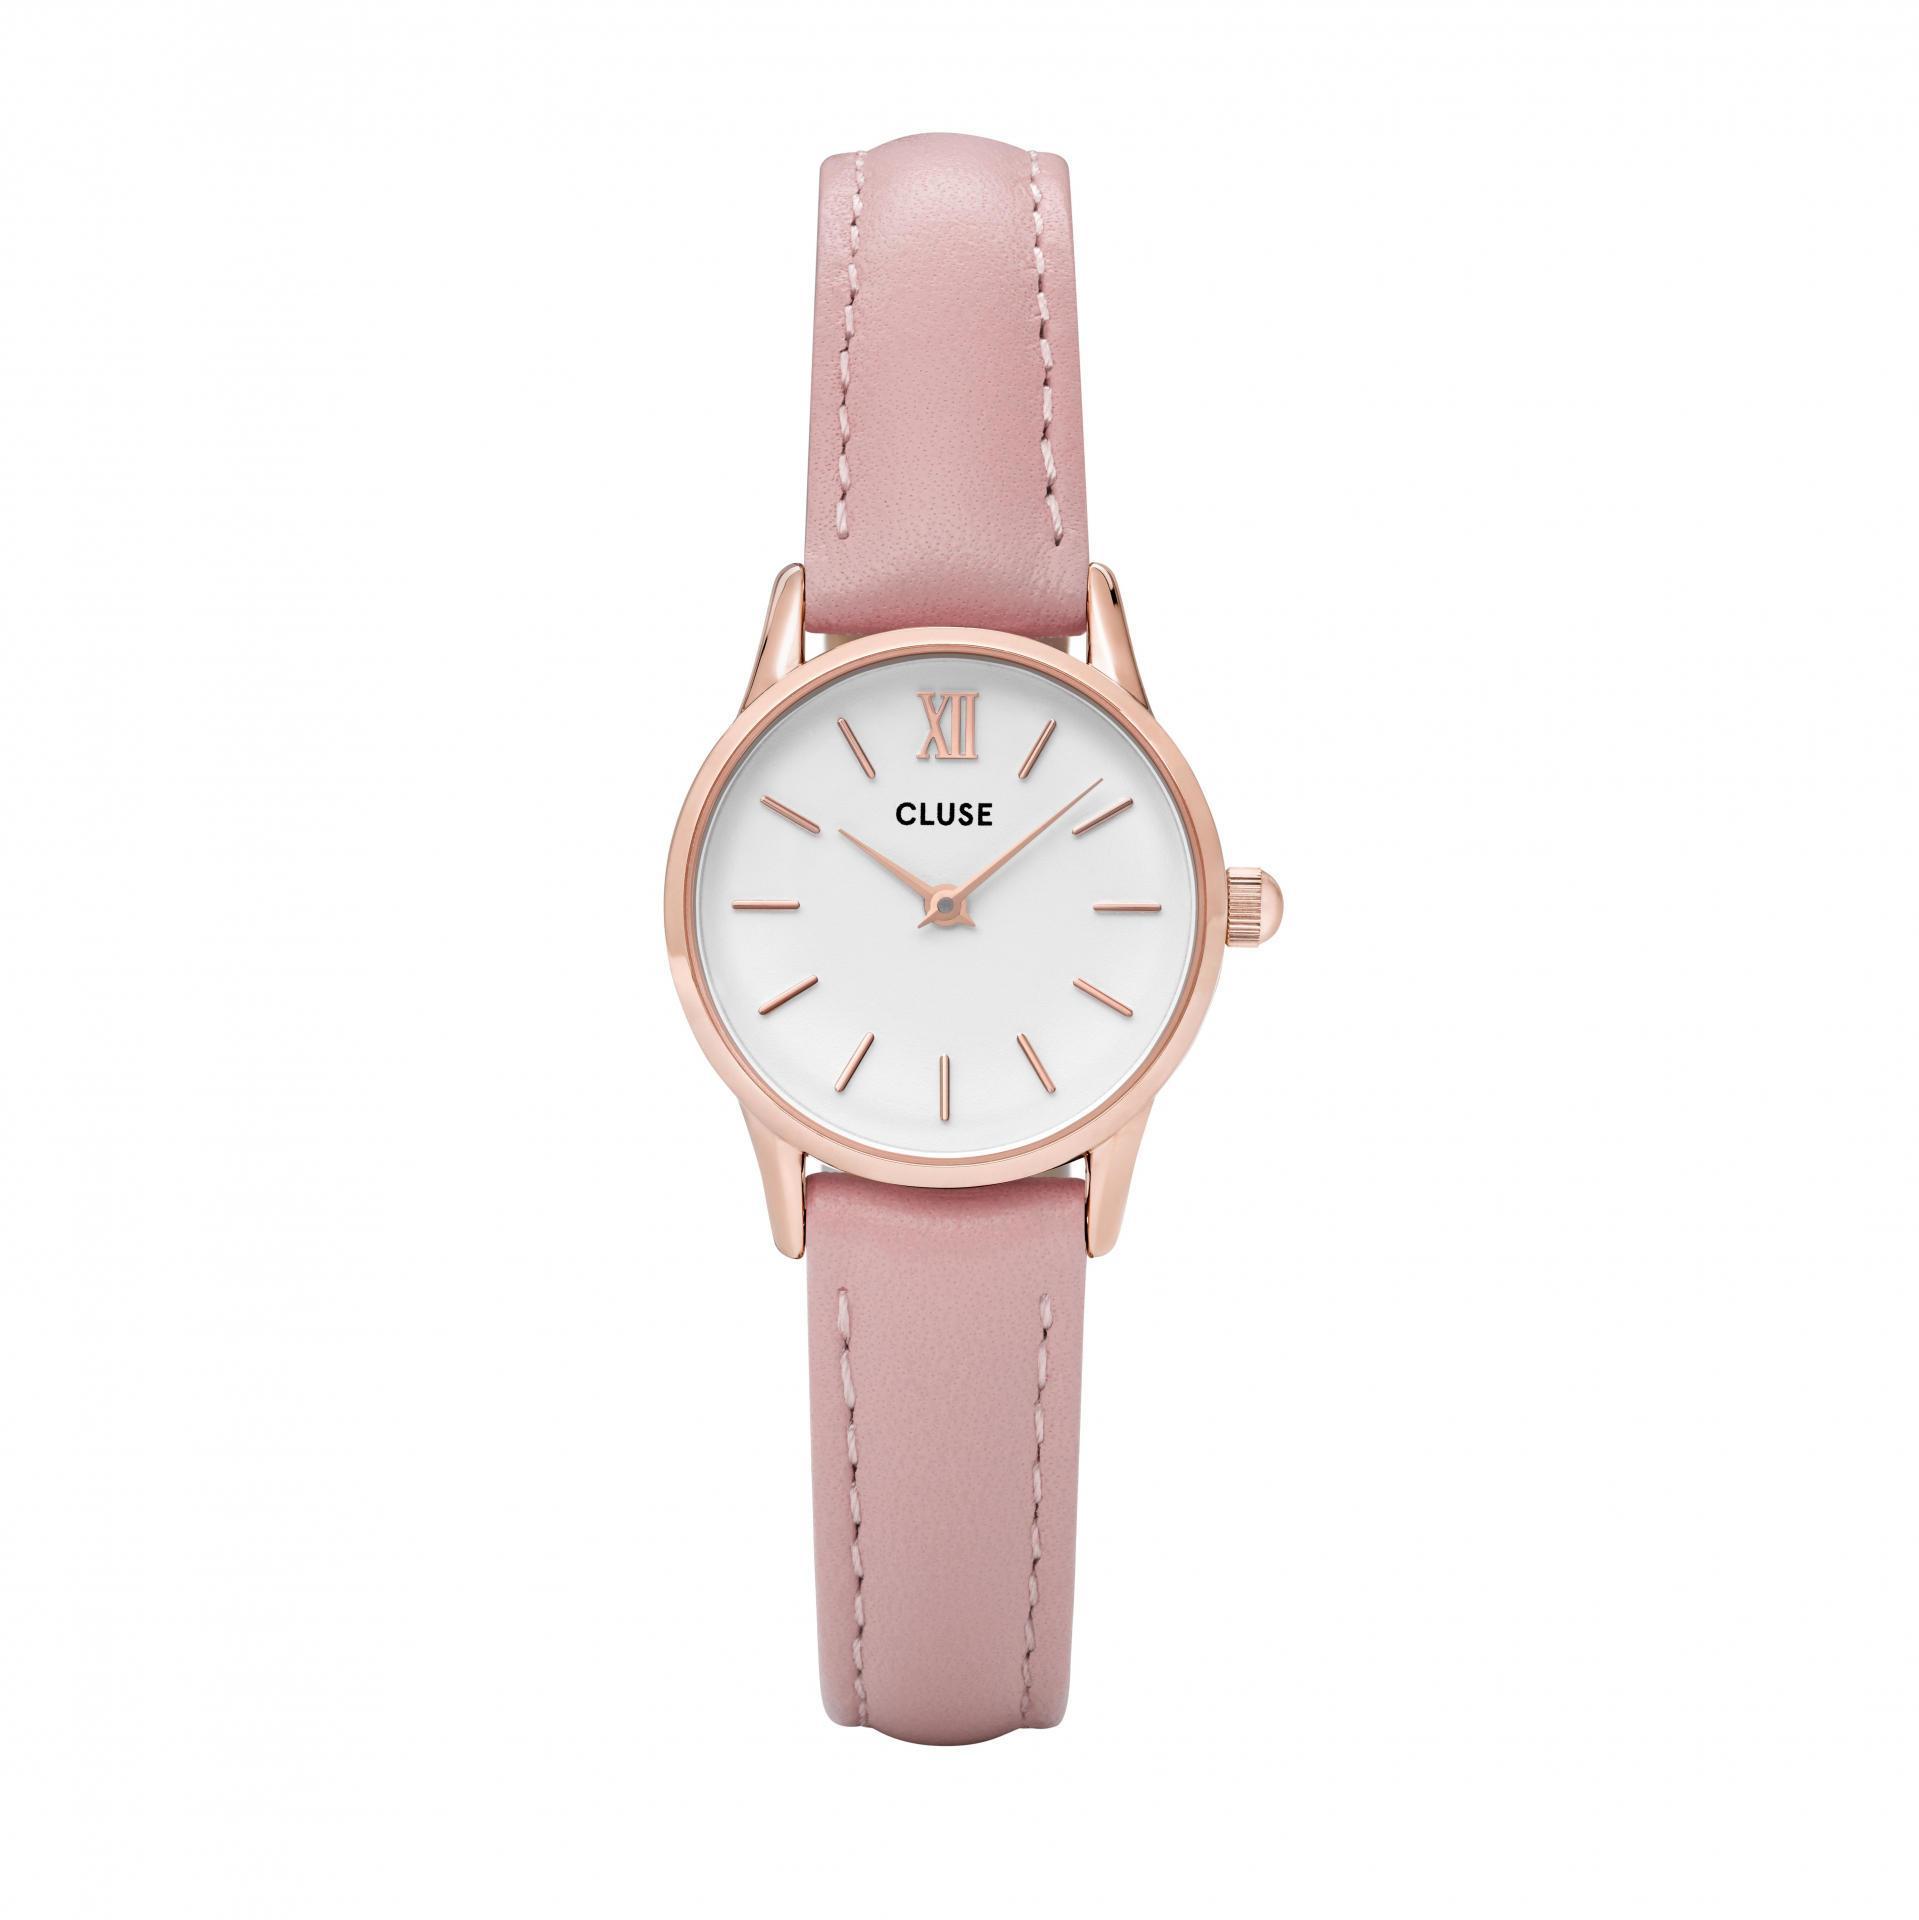 CLUSE Hodinky Cluse La Vedette Rose Gold White/Pink, růžová barva, zlatá barva, kov, kůže